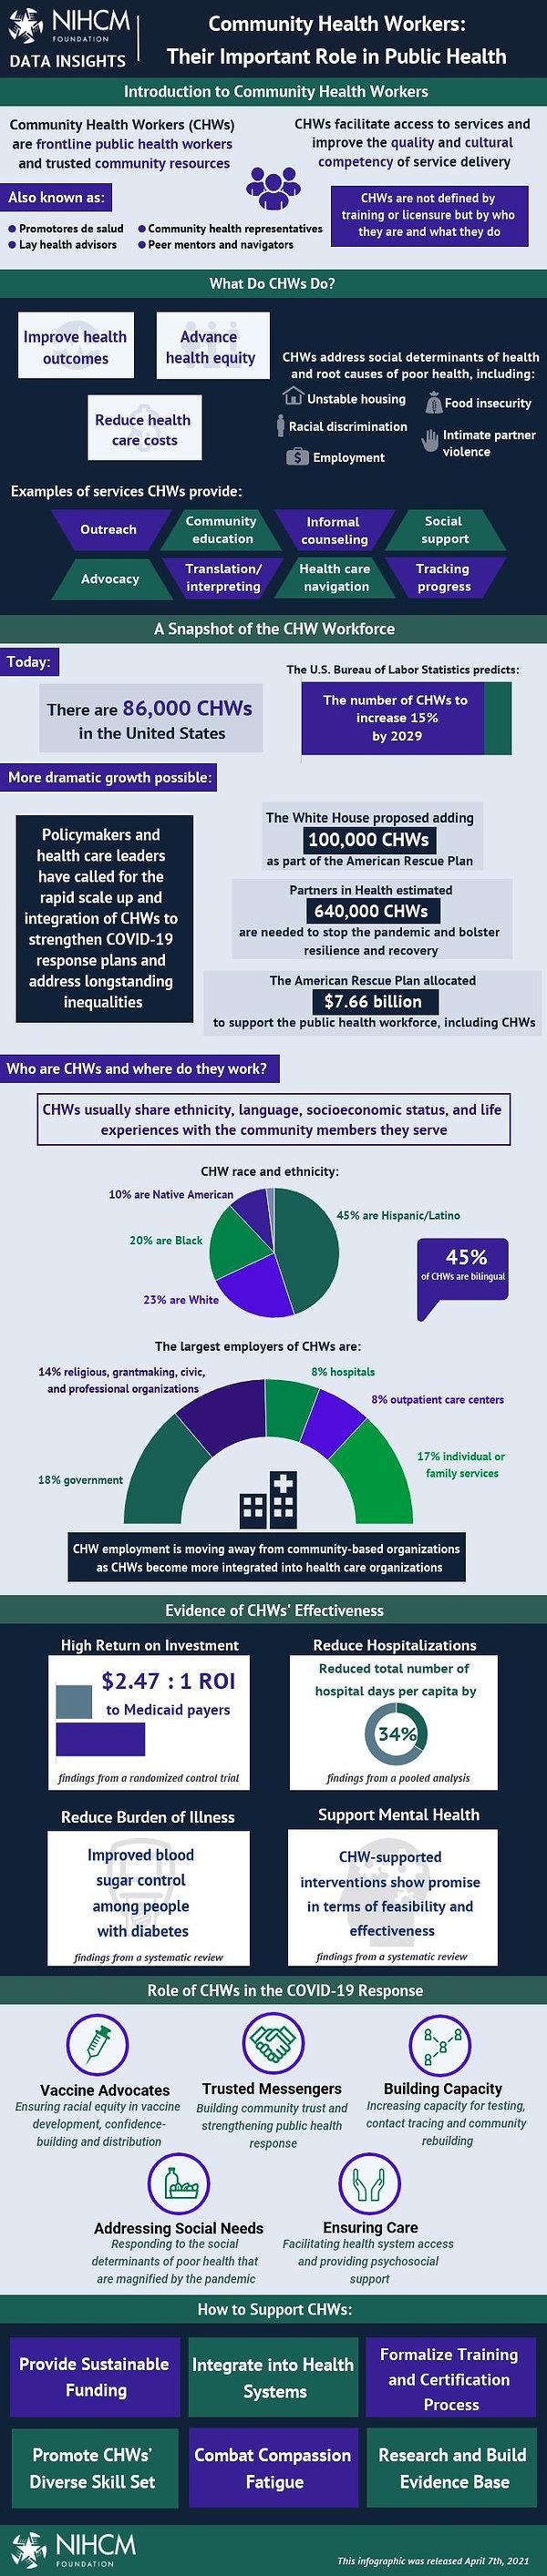 community_health_workers.jpg